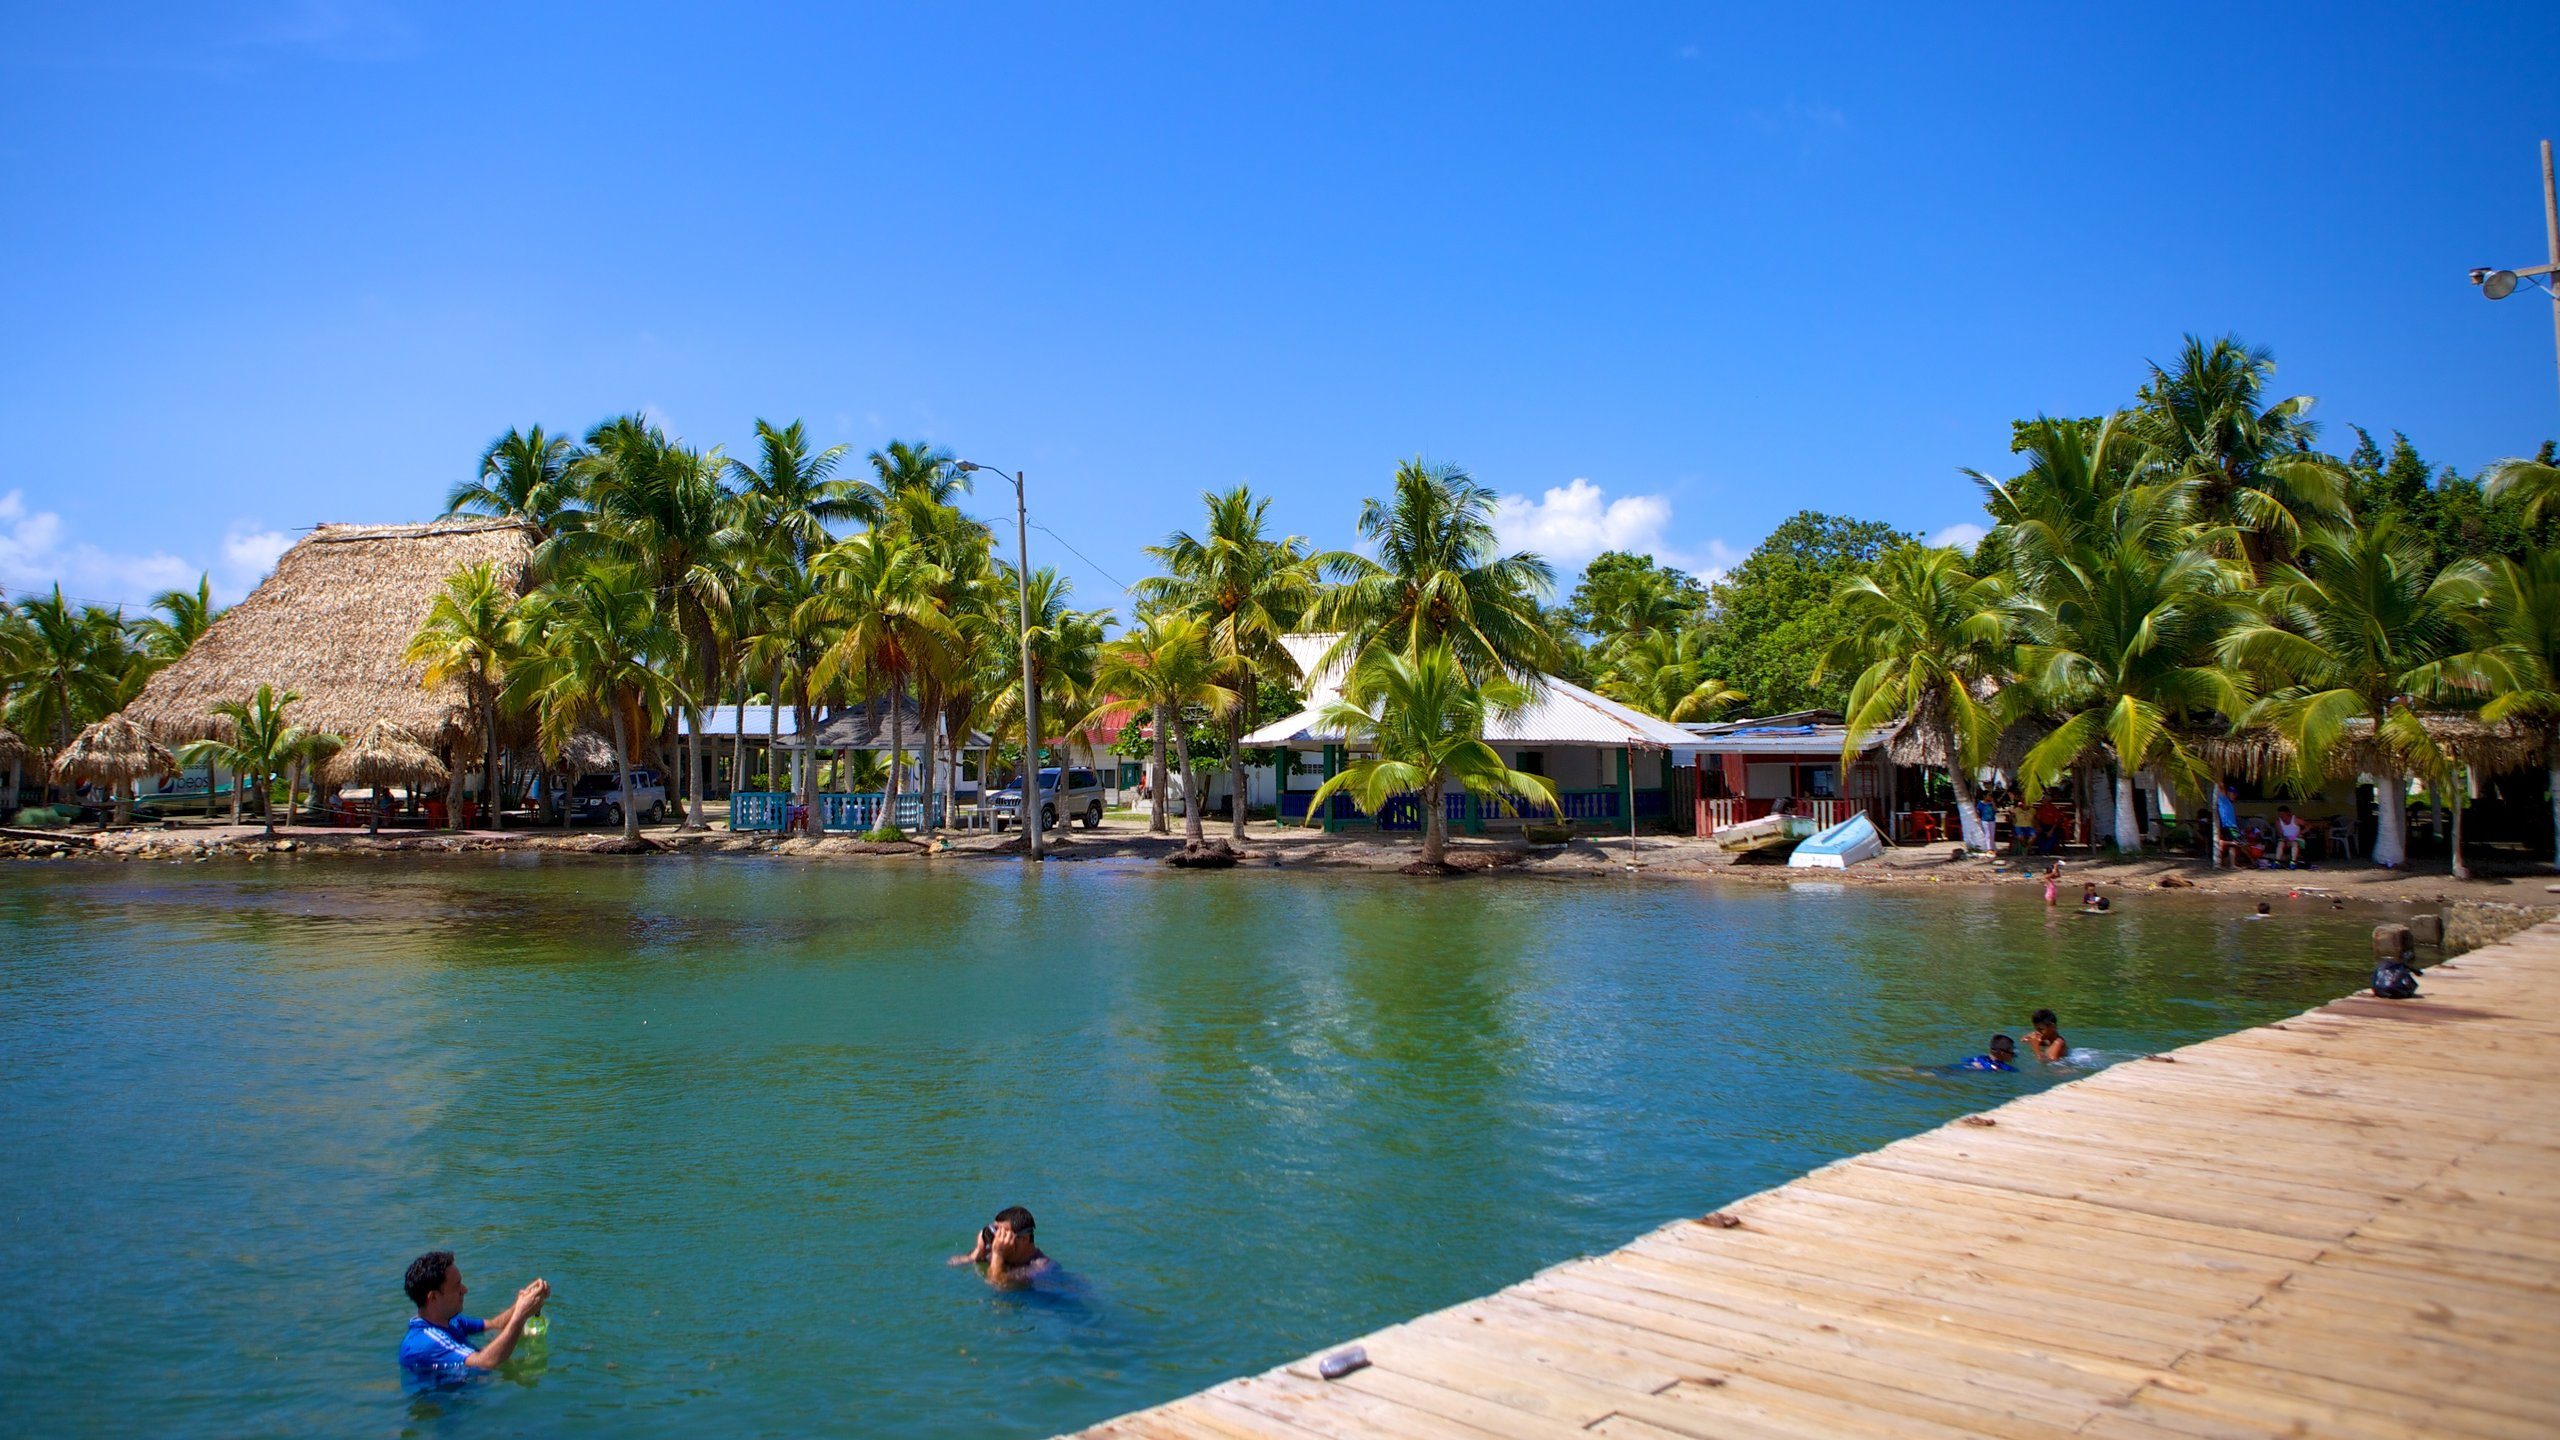 Omoa, Cortes, Honduras